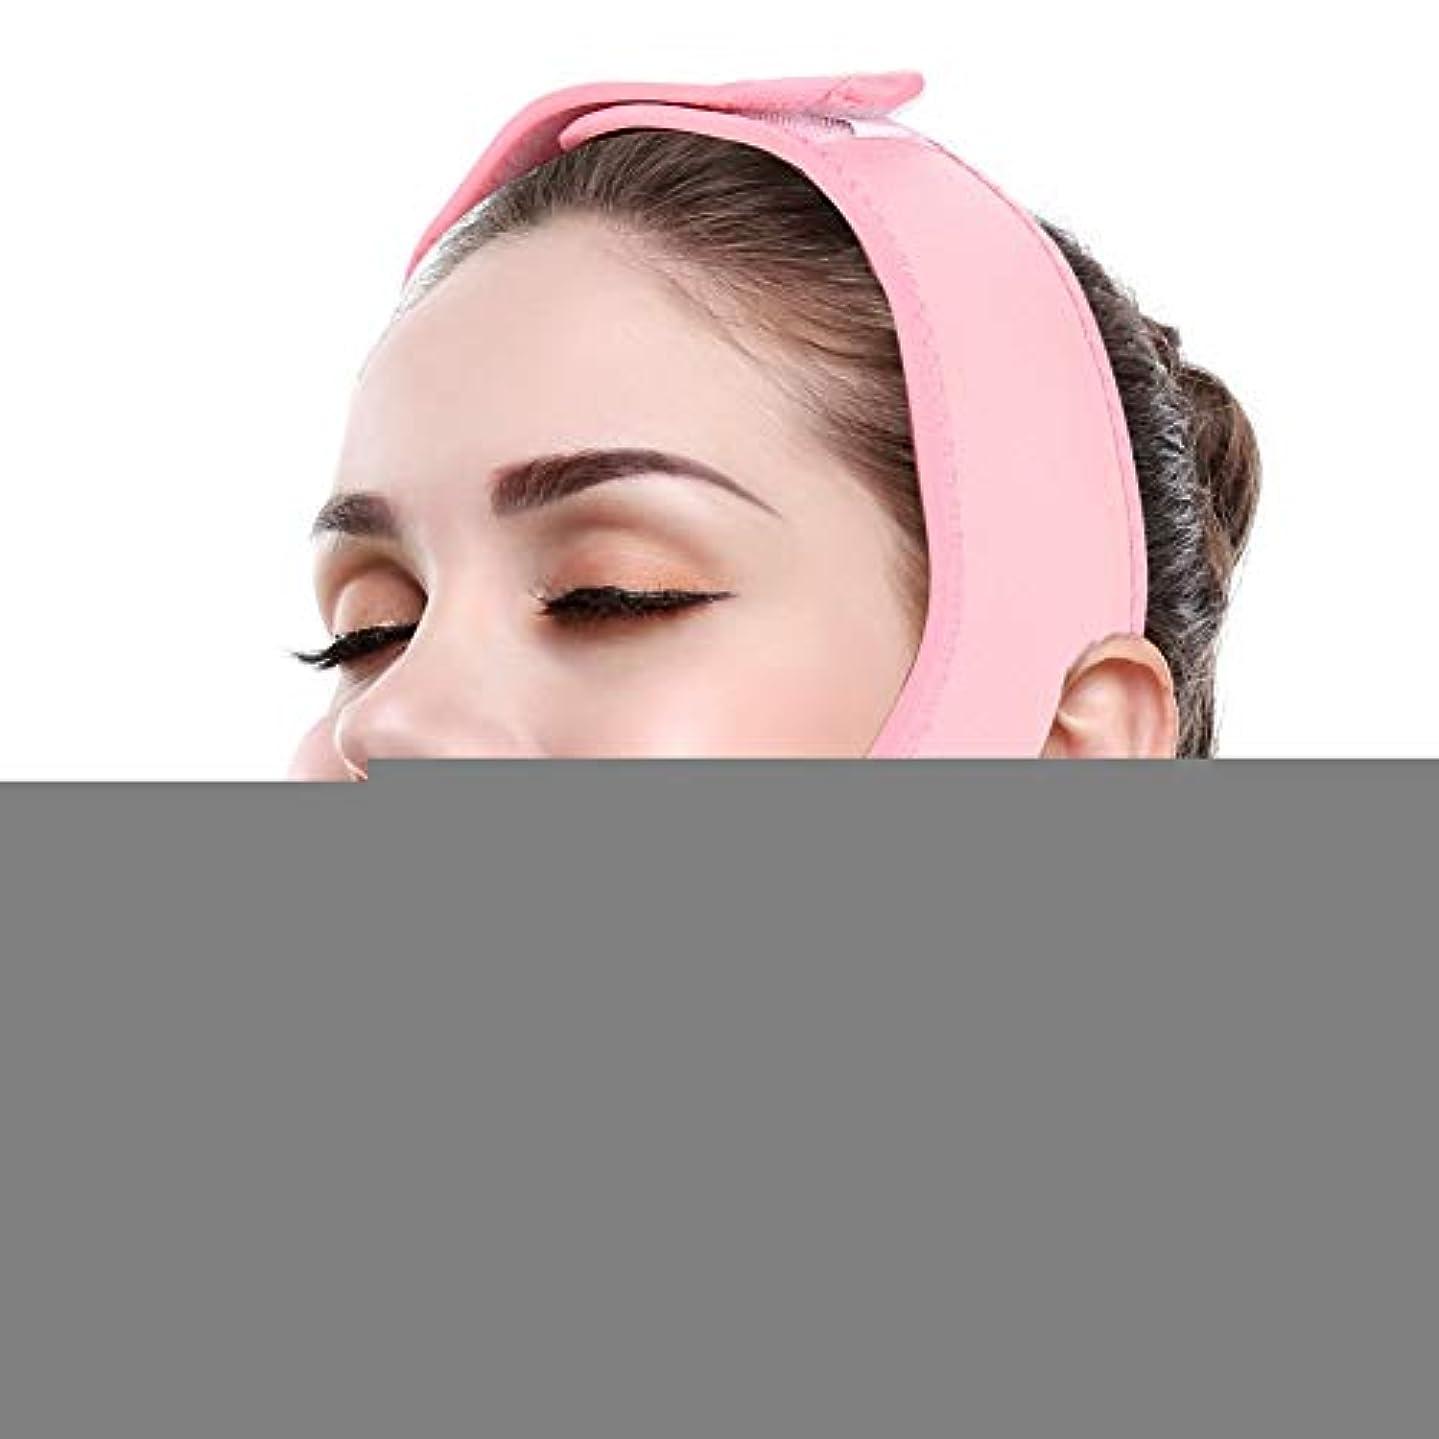 豊富多様性輸送顔痩身マッサージベルト、vラインマスクネック圧縮二重あごストラップ減量ベルトスキンケアあごリフティング引き締めラップ